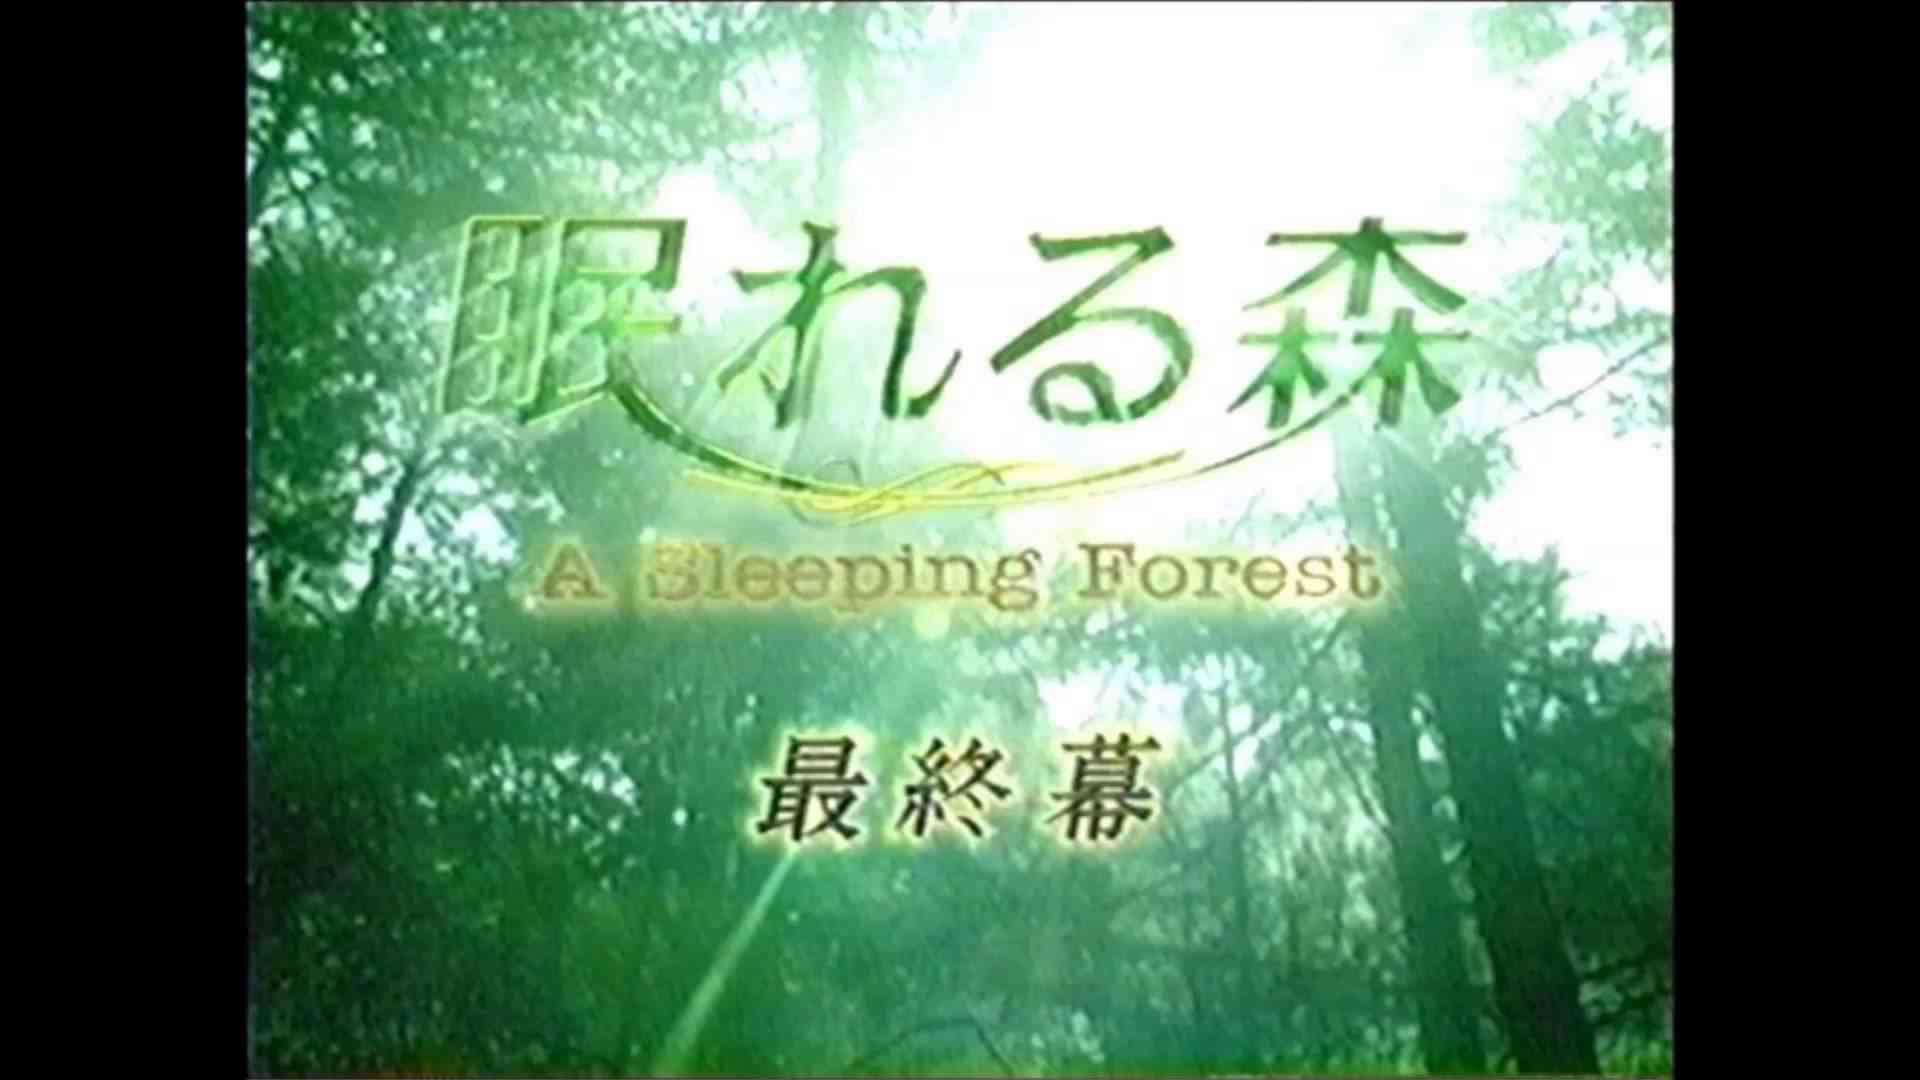 眠れる森 (A Sleeping Forest) サントラ ドラマ -Road- - YouTube